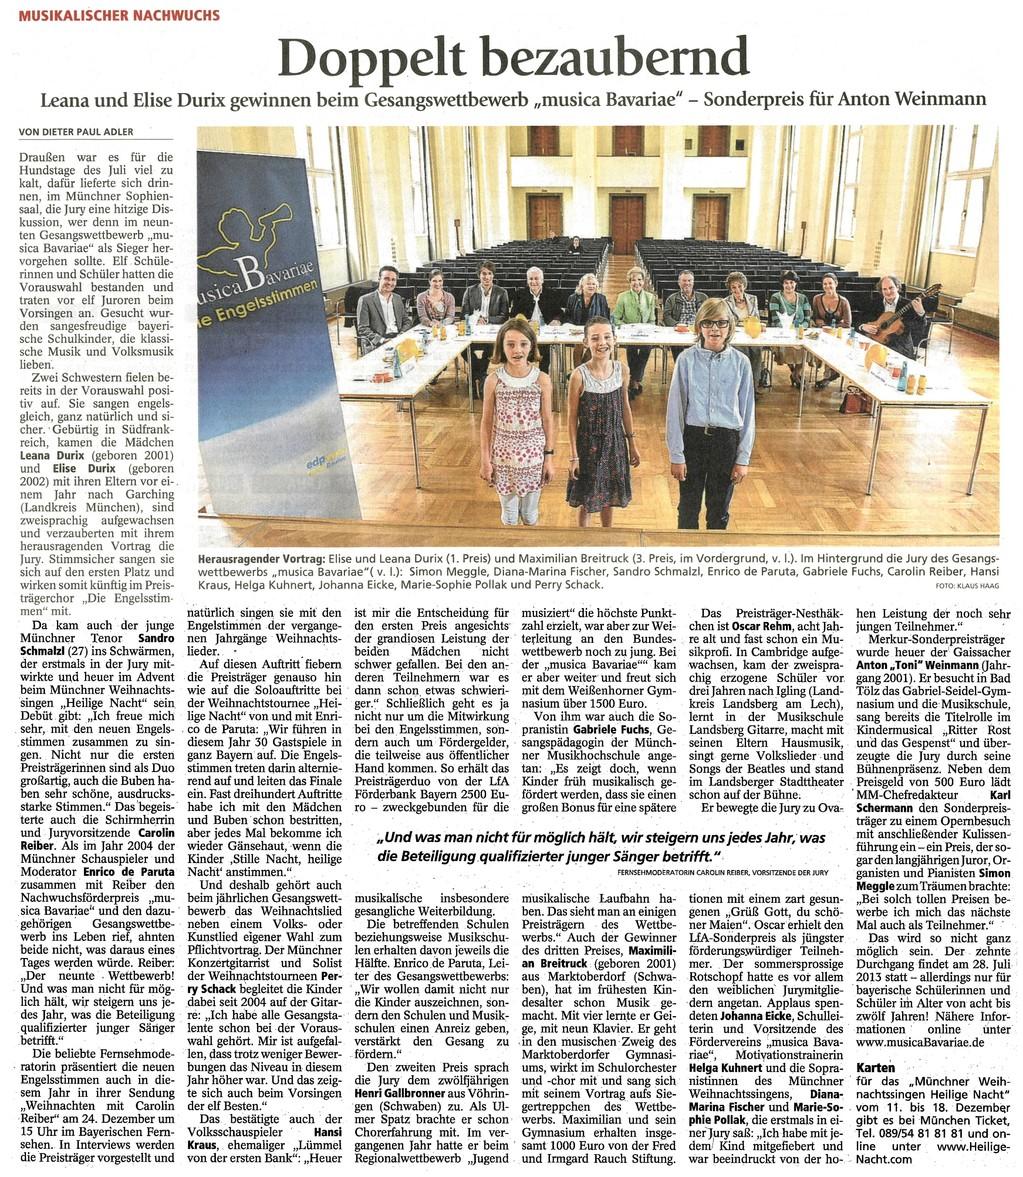 """""""Doppelt bezaubernd"""" titelte der Merkur am 3.8.2012 seinen Artikel zum 9. Gesangswettbewerb musica Bavariae 2012 für bayerische Schülerinnen und Schüler"""